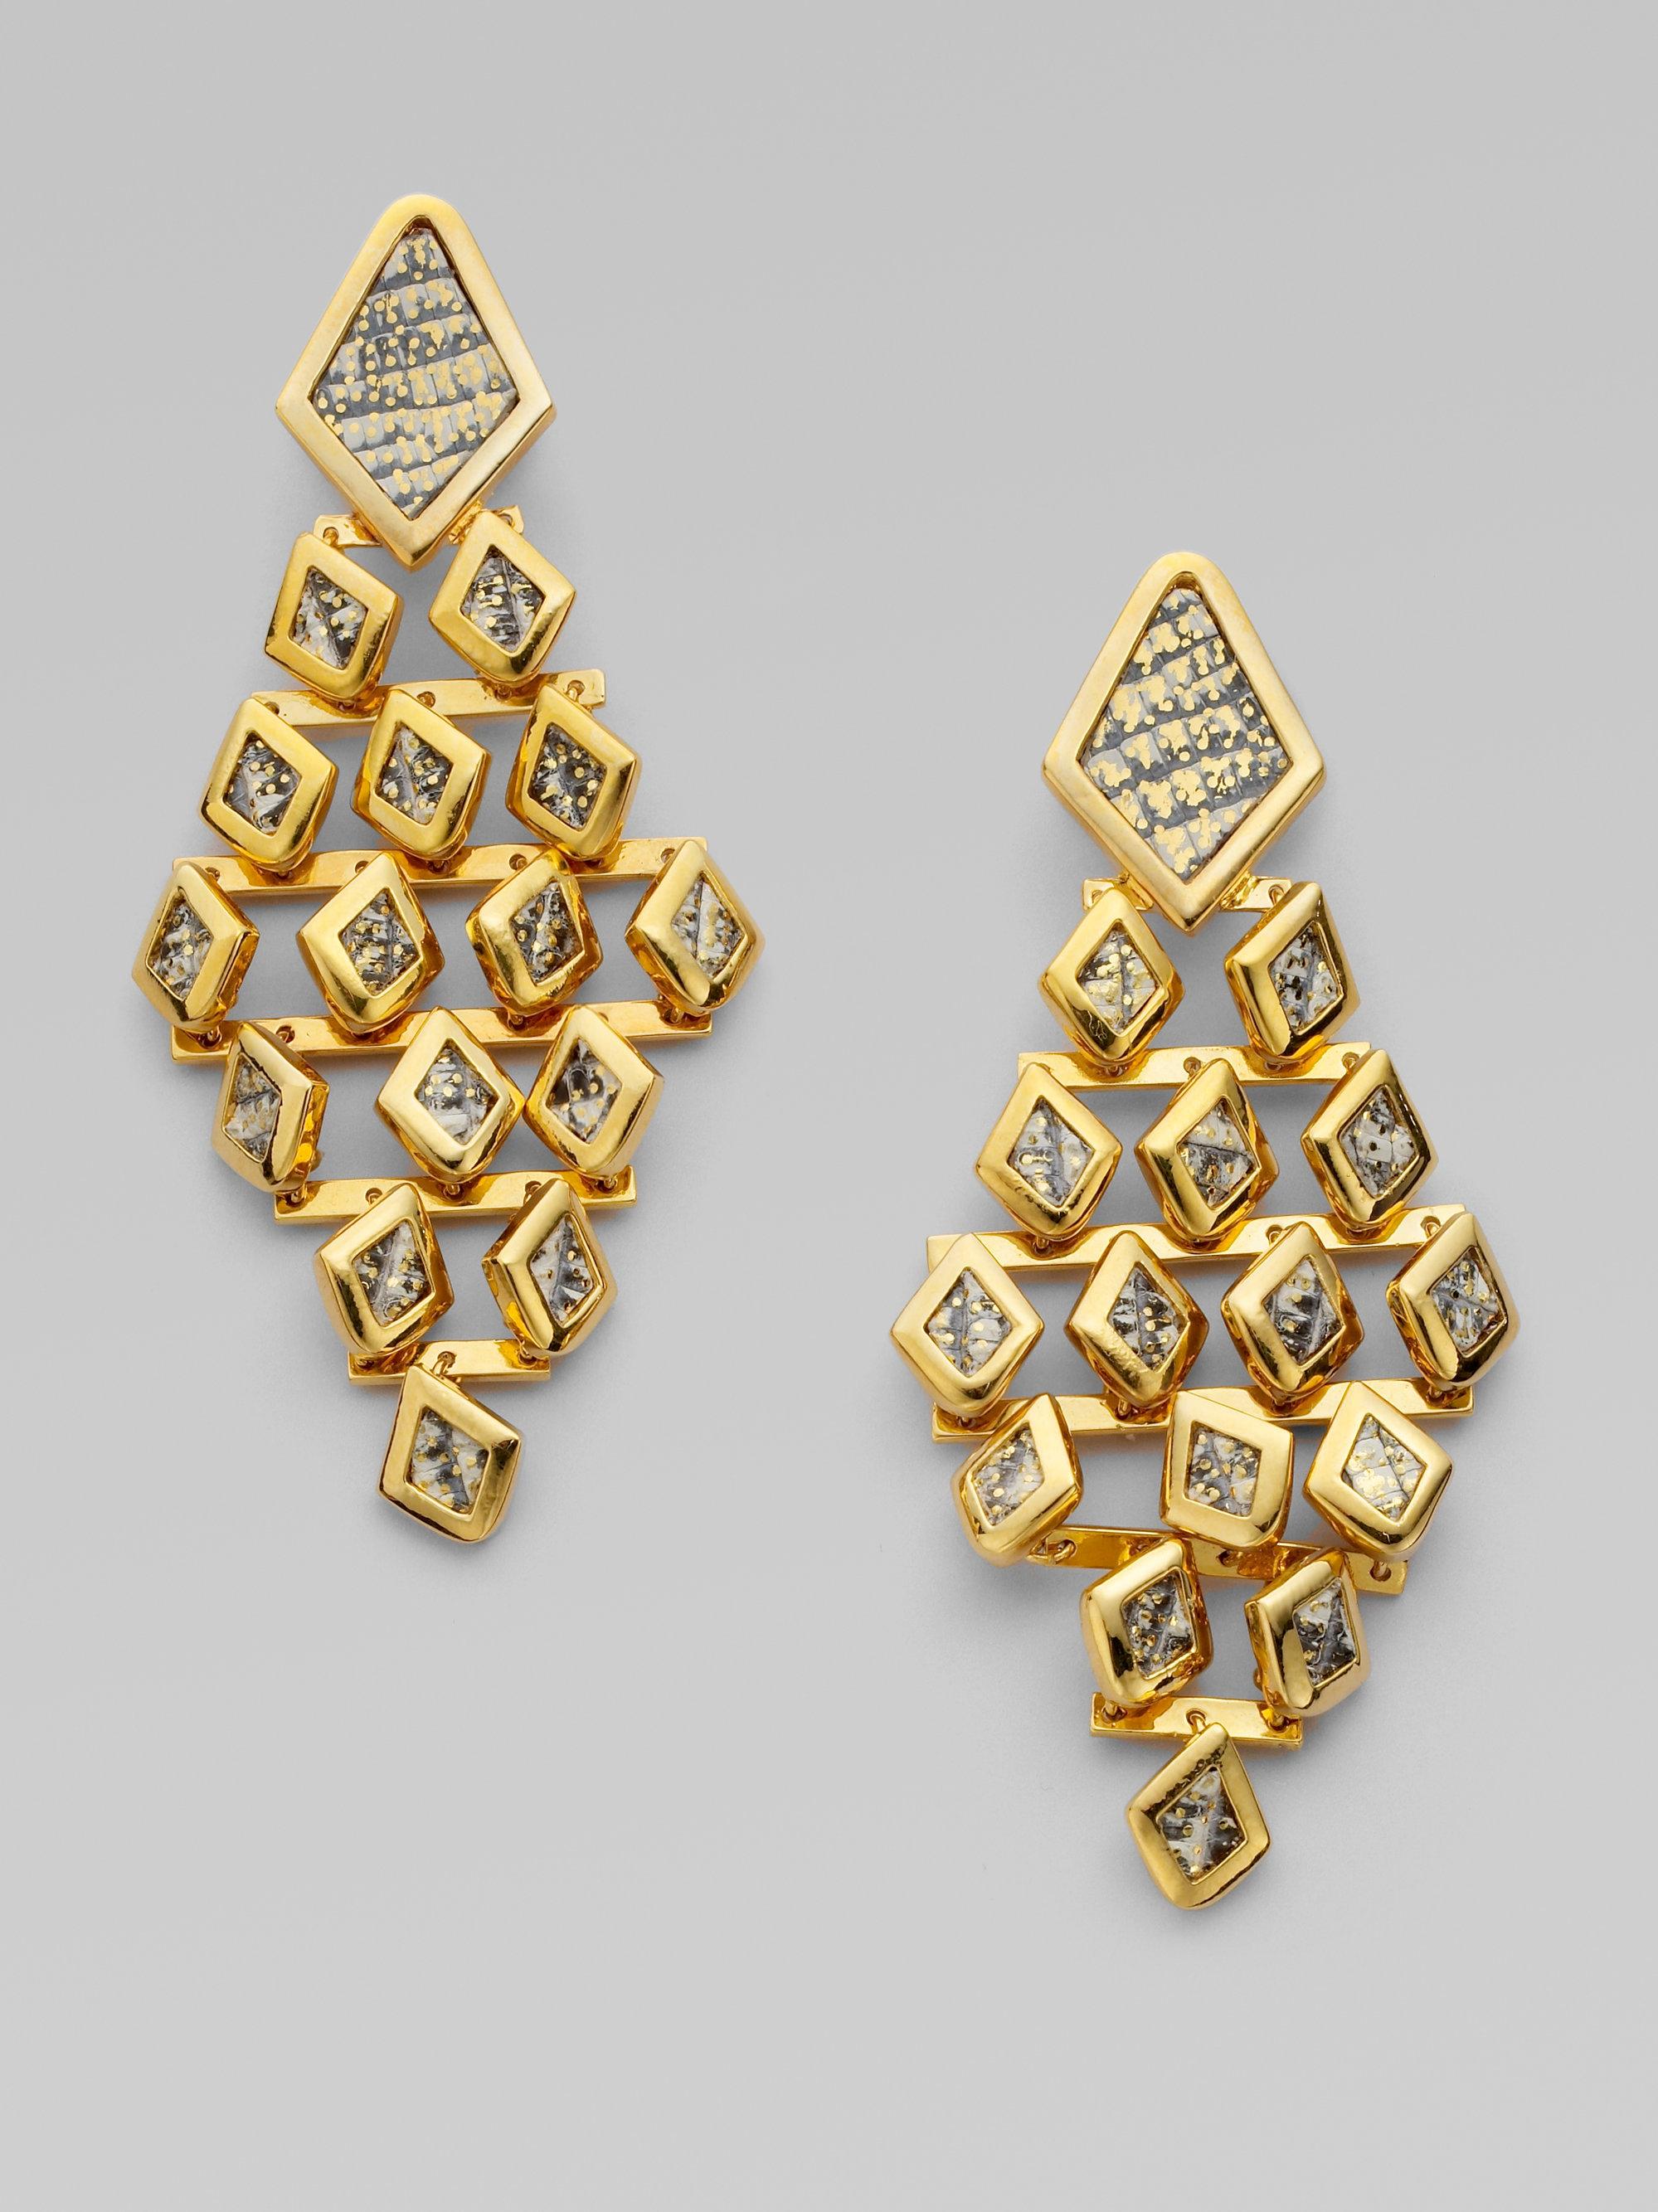 Lyst Kara ross Dragon Scale Chandelier Earrings in Metallic